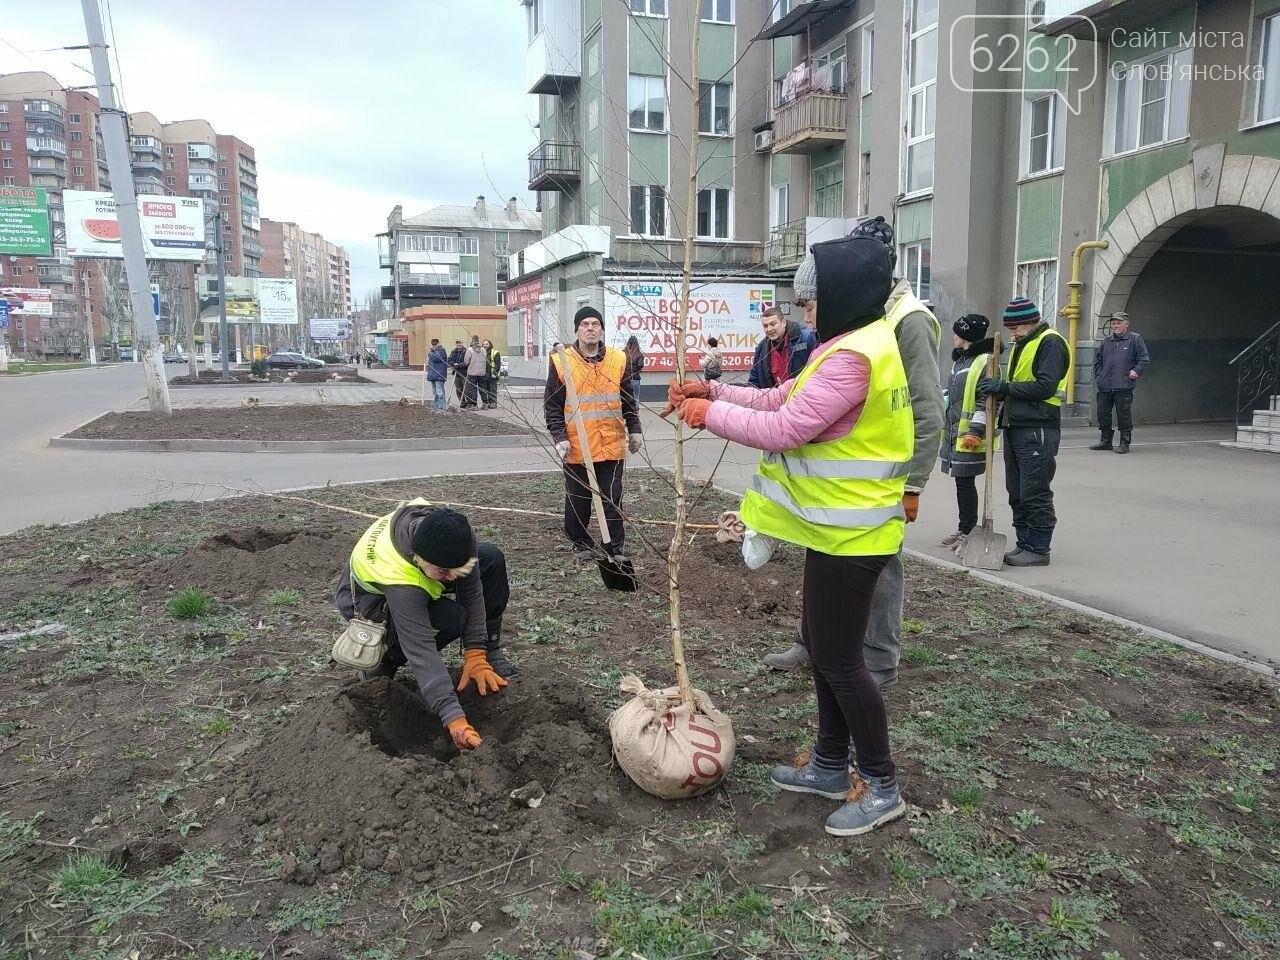 Сьогодні у Слов'янську садять дерева, фото-1